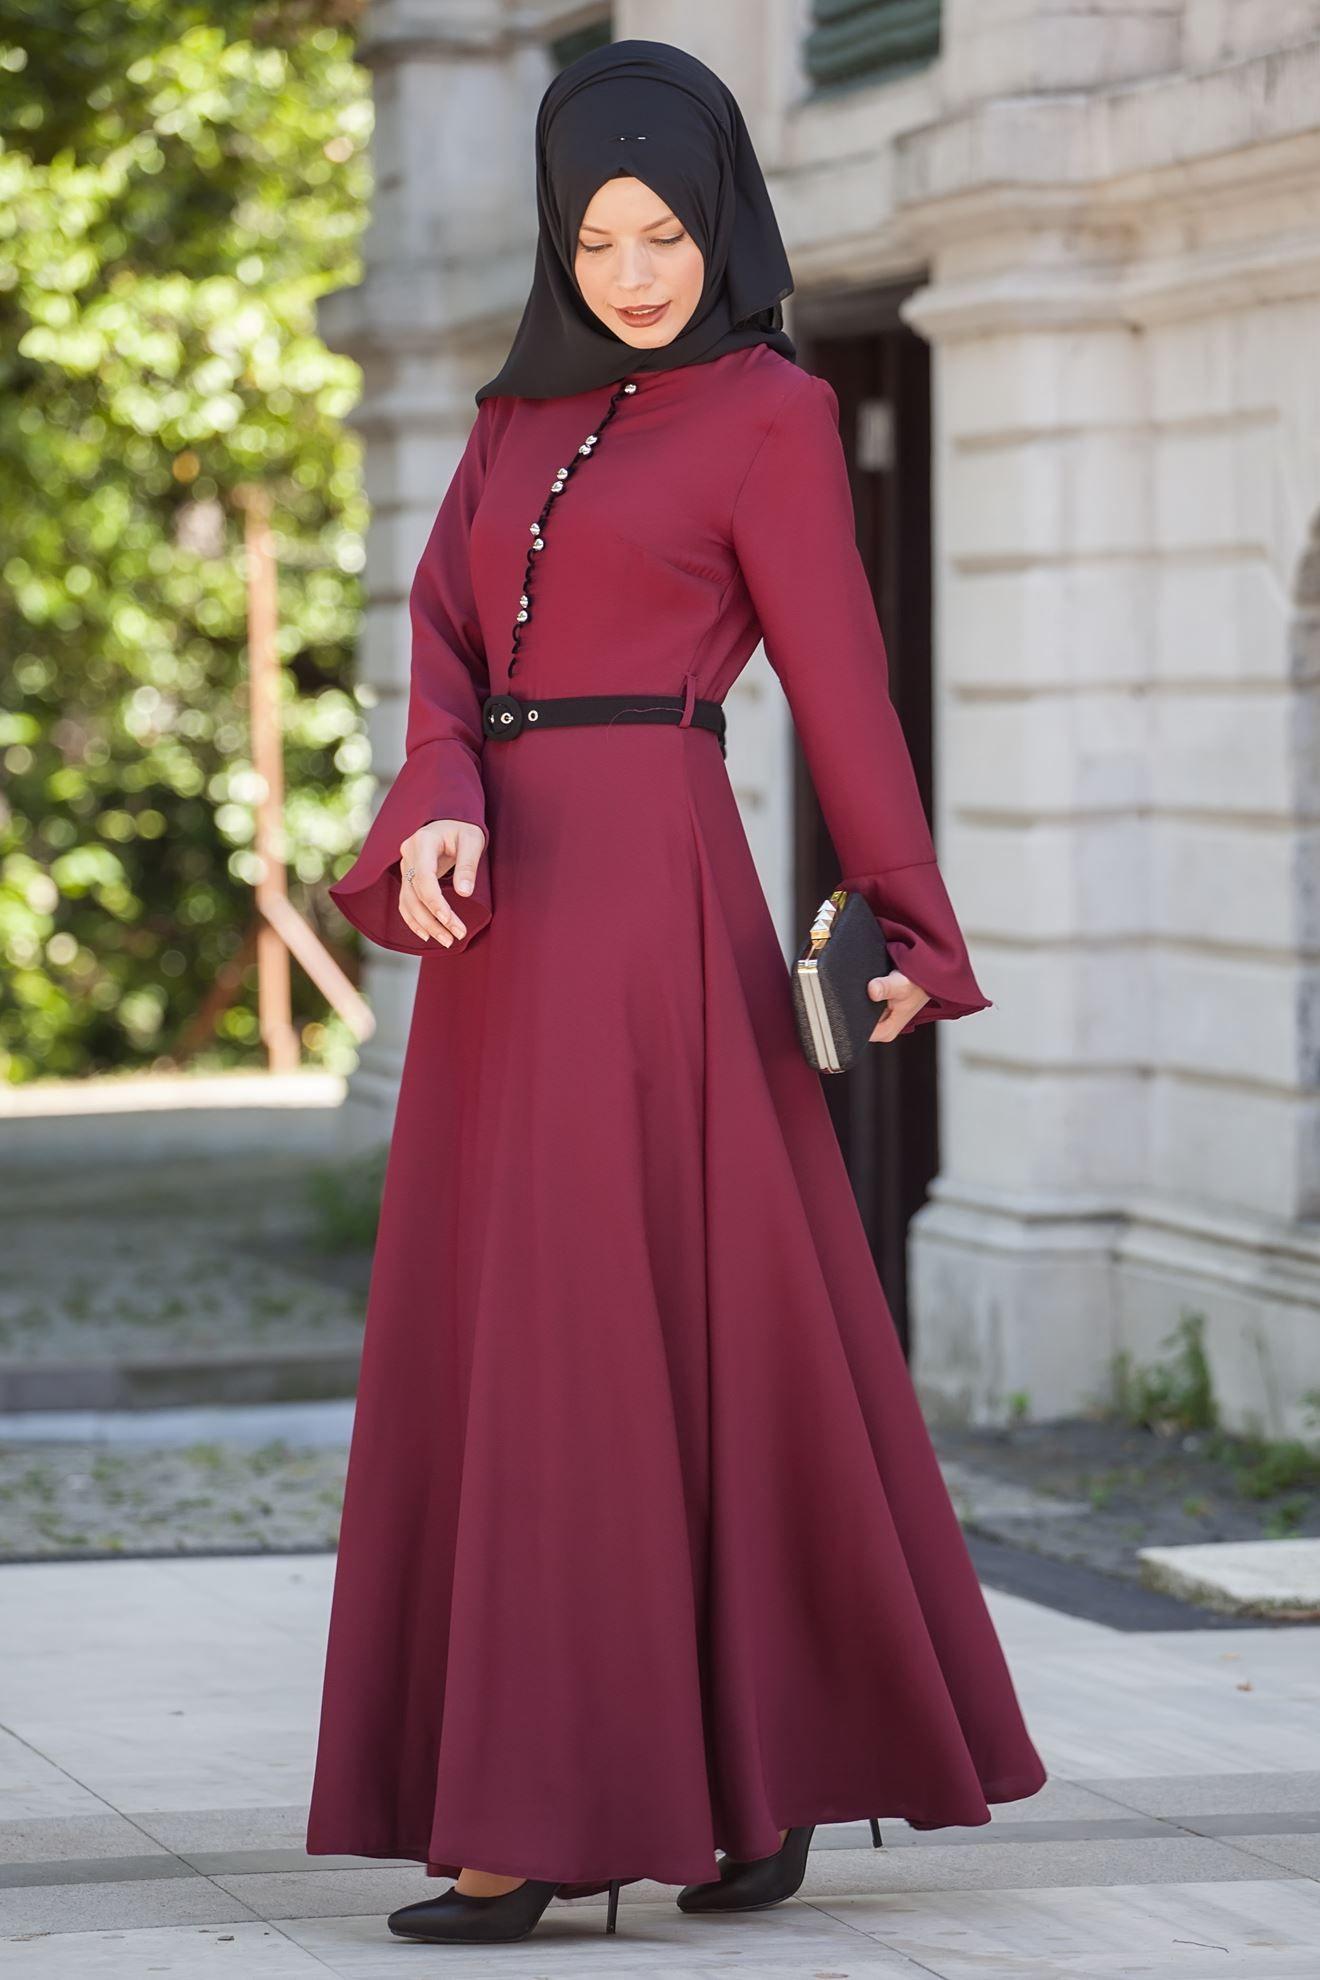 36c846a3466cf Sedanur Tesettür Bordo Renk Elbise Modası - Moda Tesettür Giyim ...